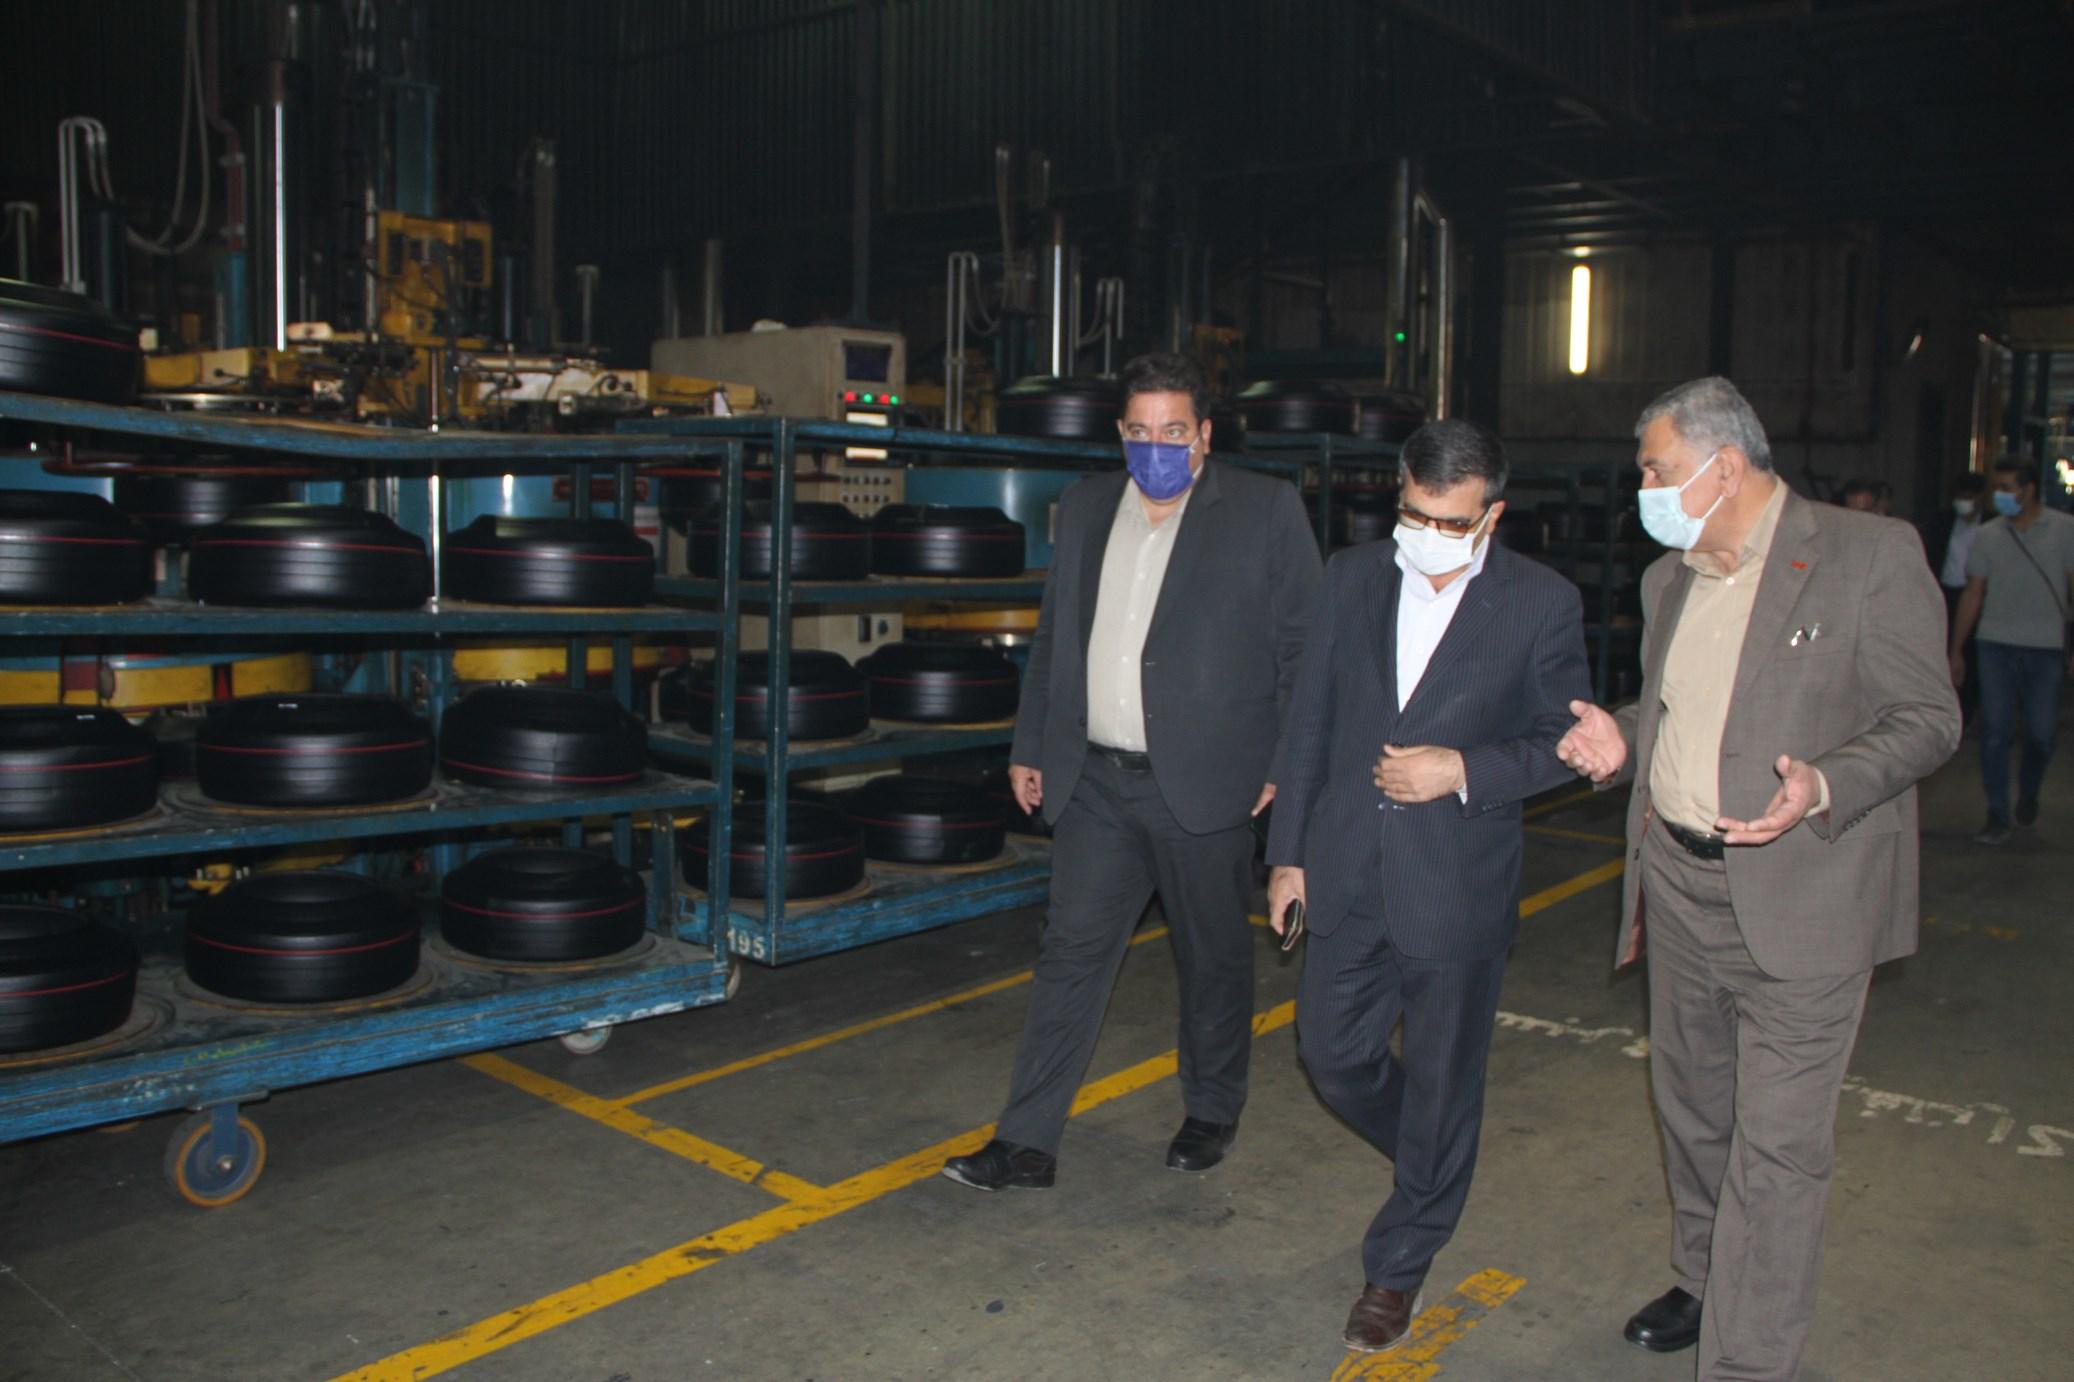 بازدید رییس سازمان صمت کردستان و هیات همراه از تعدادی از واحدهای شهرک صنعتی دهگلان